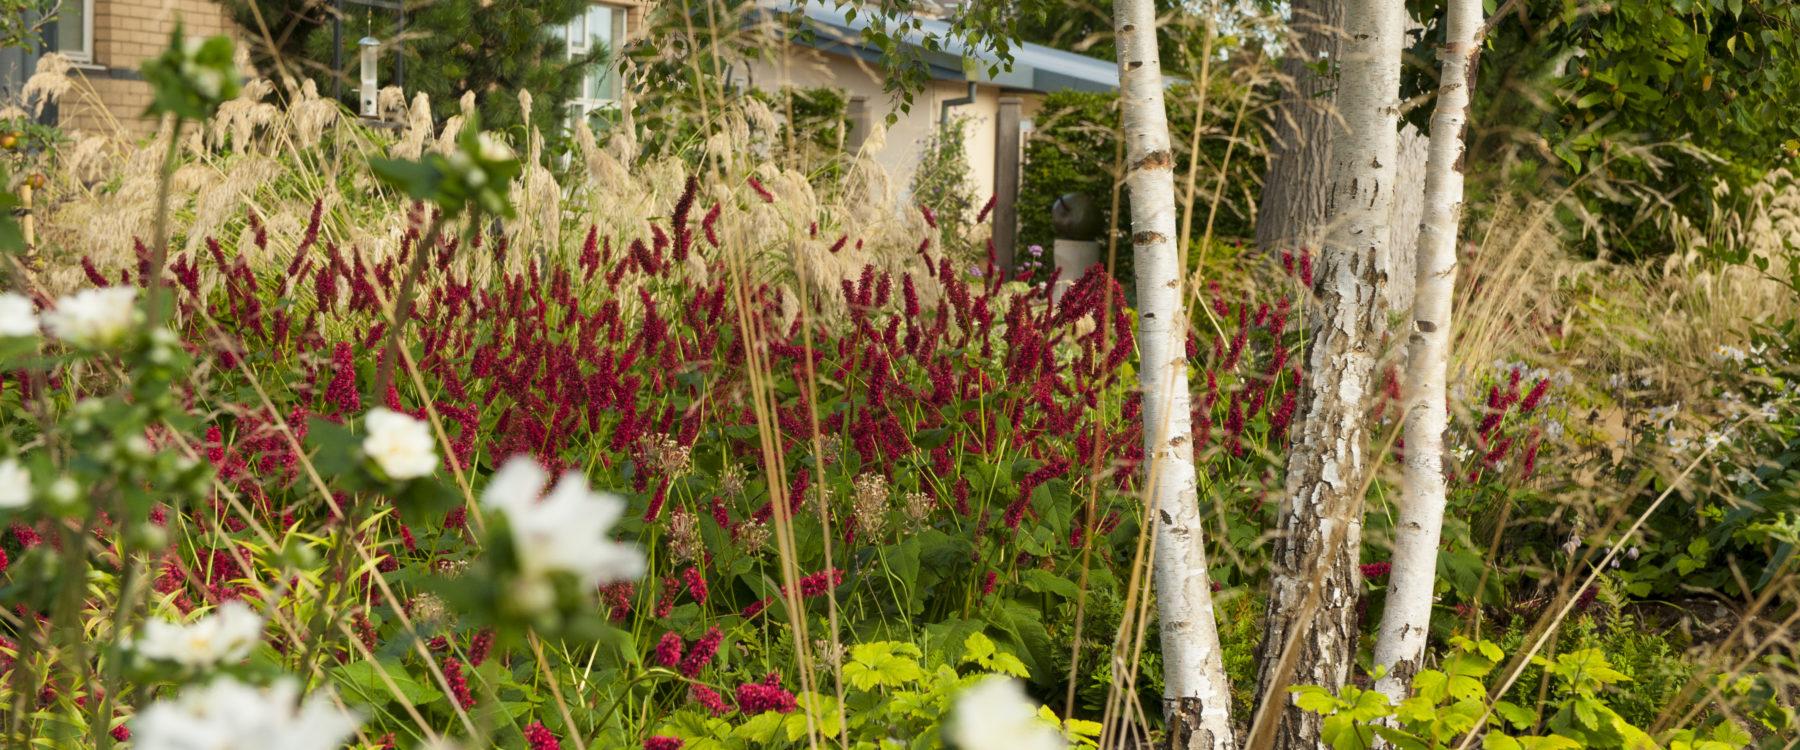 Horatio\'s Garden Scotland | Horatio\'s Garden